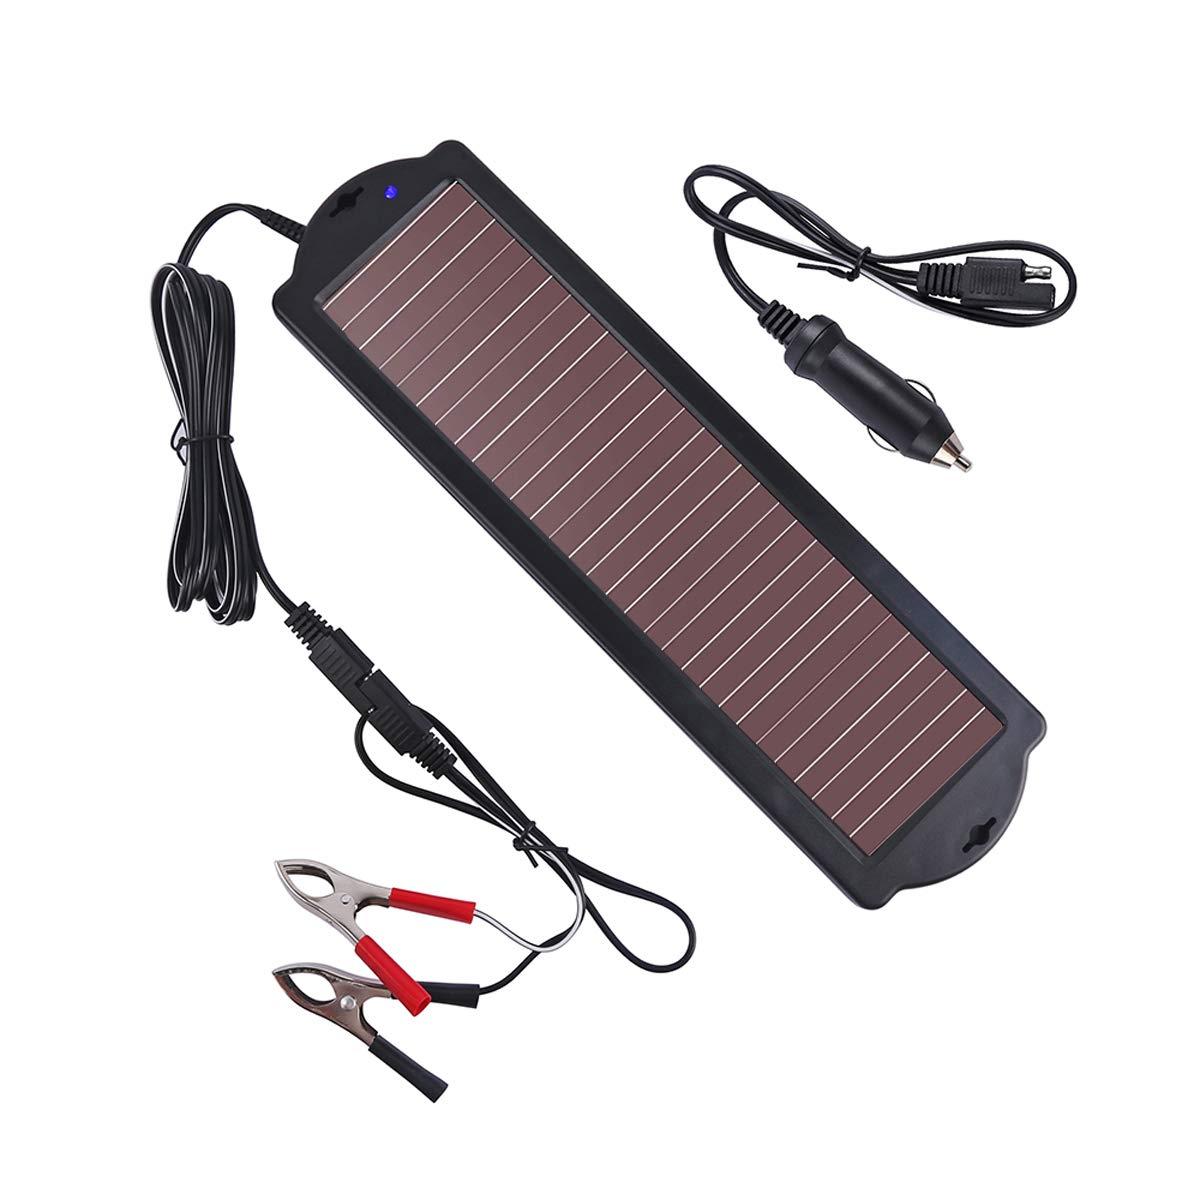 1.5 Vatios Betop-camp Paquete de Cargador de Bater/ía para Autom/óvil con Energ/ía Solar Negro Enchufe para Encendedor de Cigarrillos y L/ínea de Carga para Cargar la Bater/ía